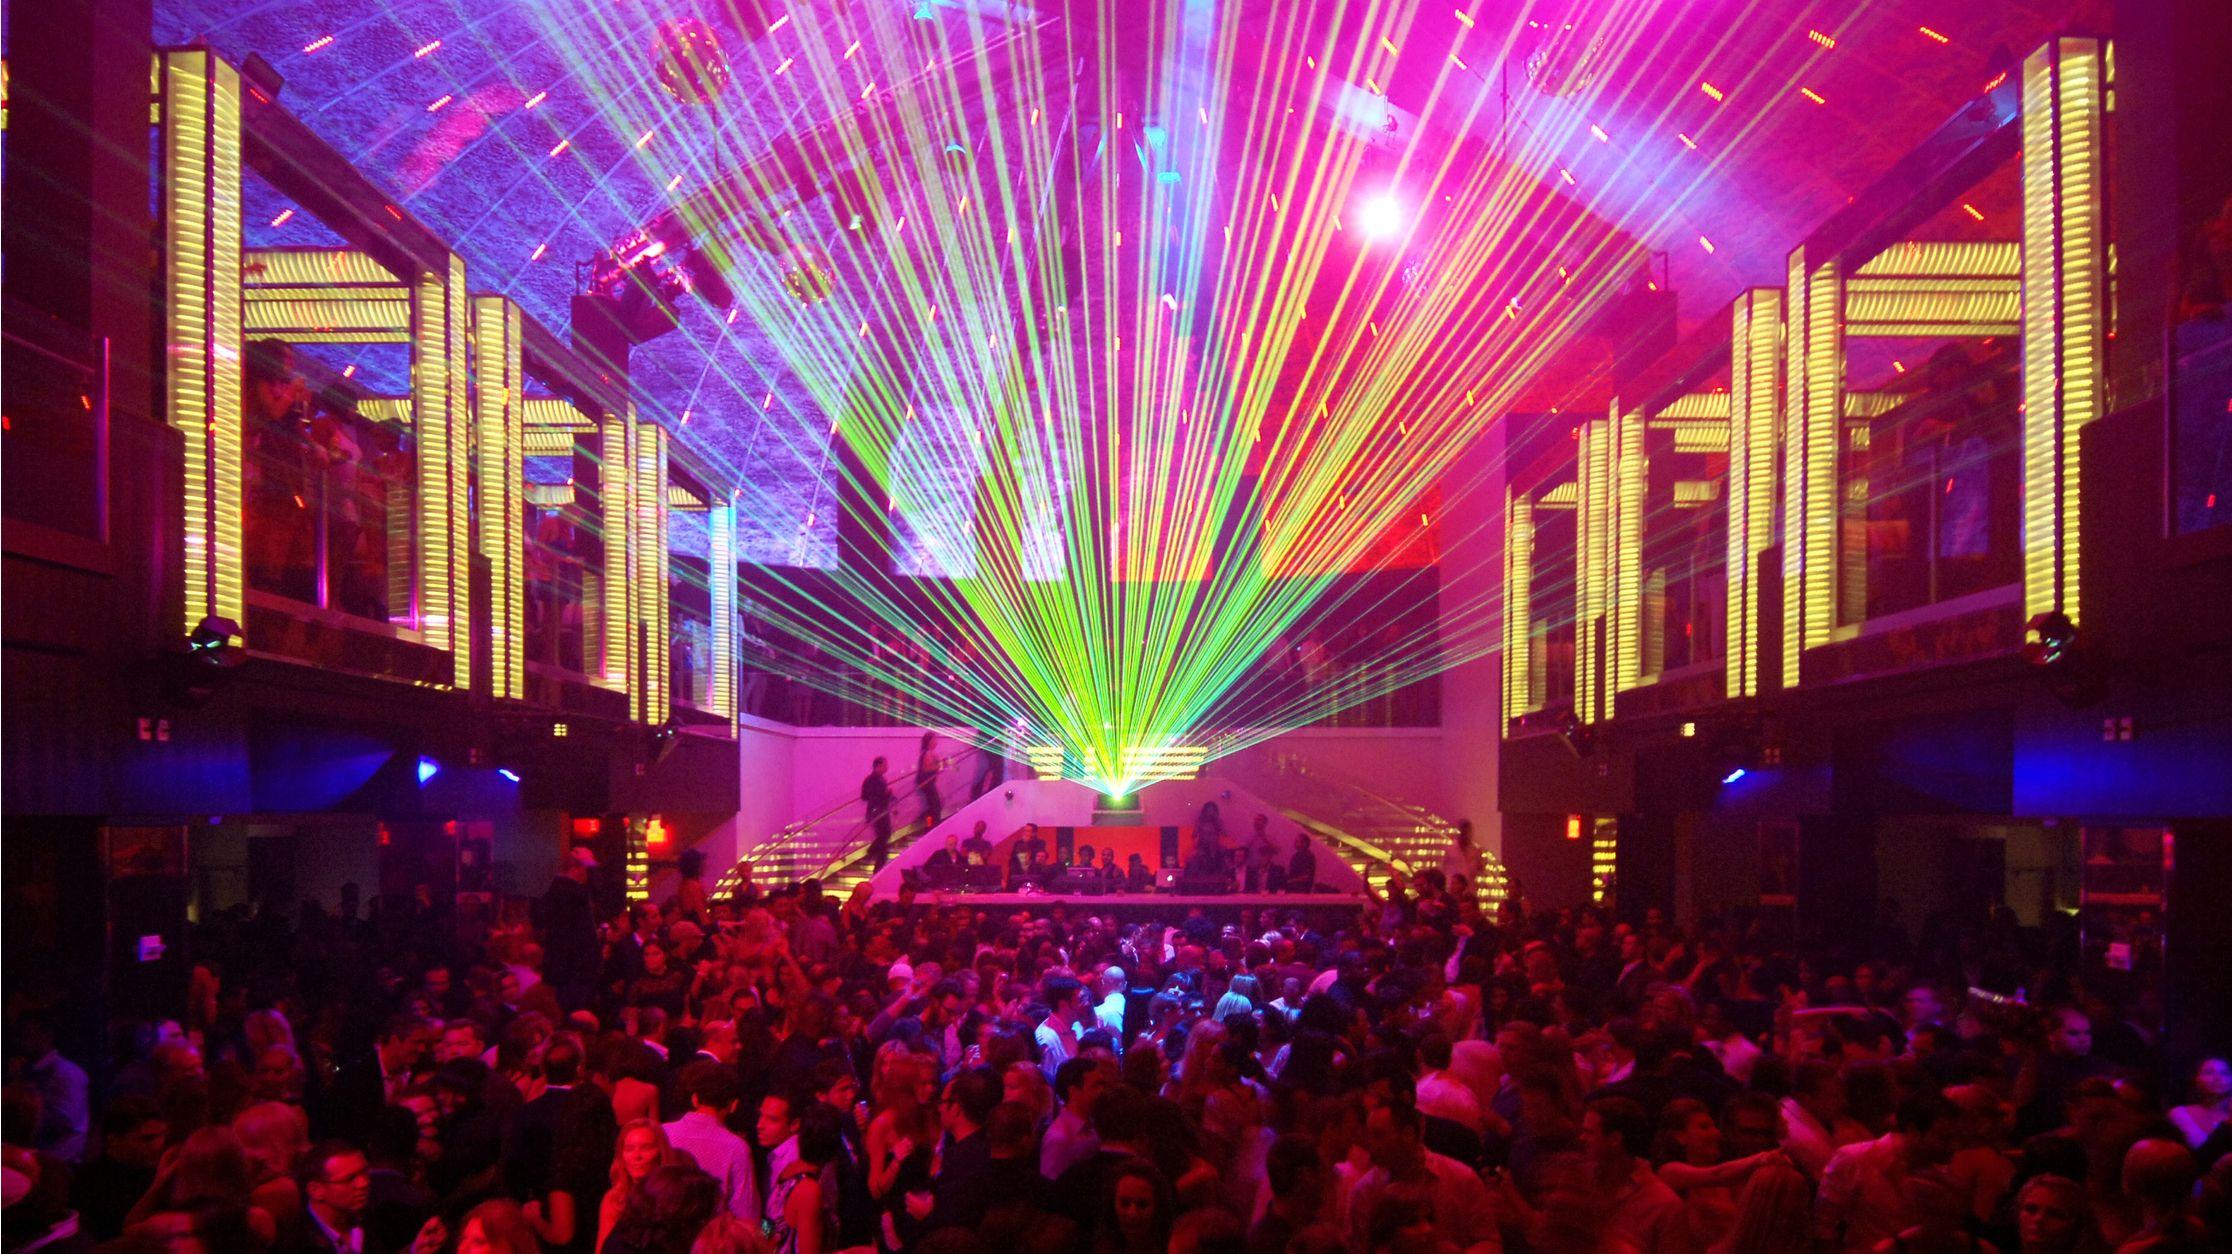 abc48e8c7e75ae937f28c3a15b1ceabf - How Much Is It To Get In Liv Nightclub